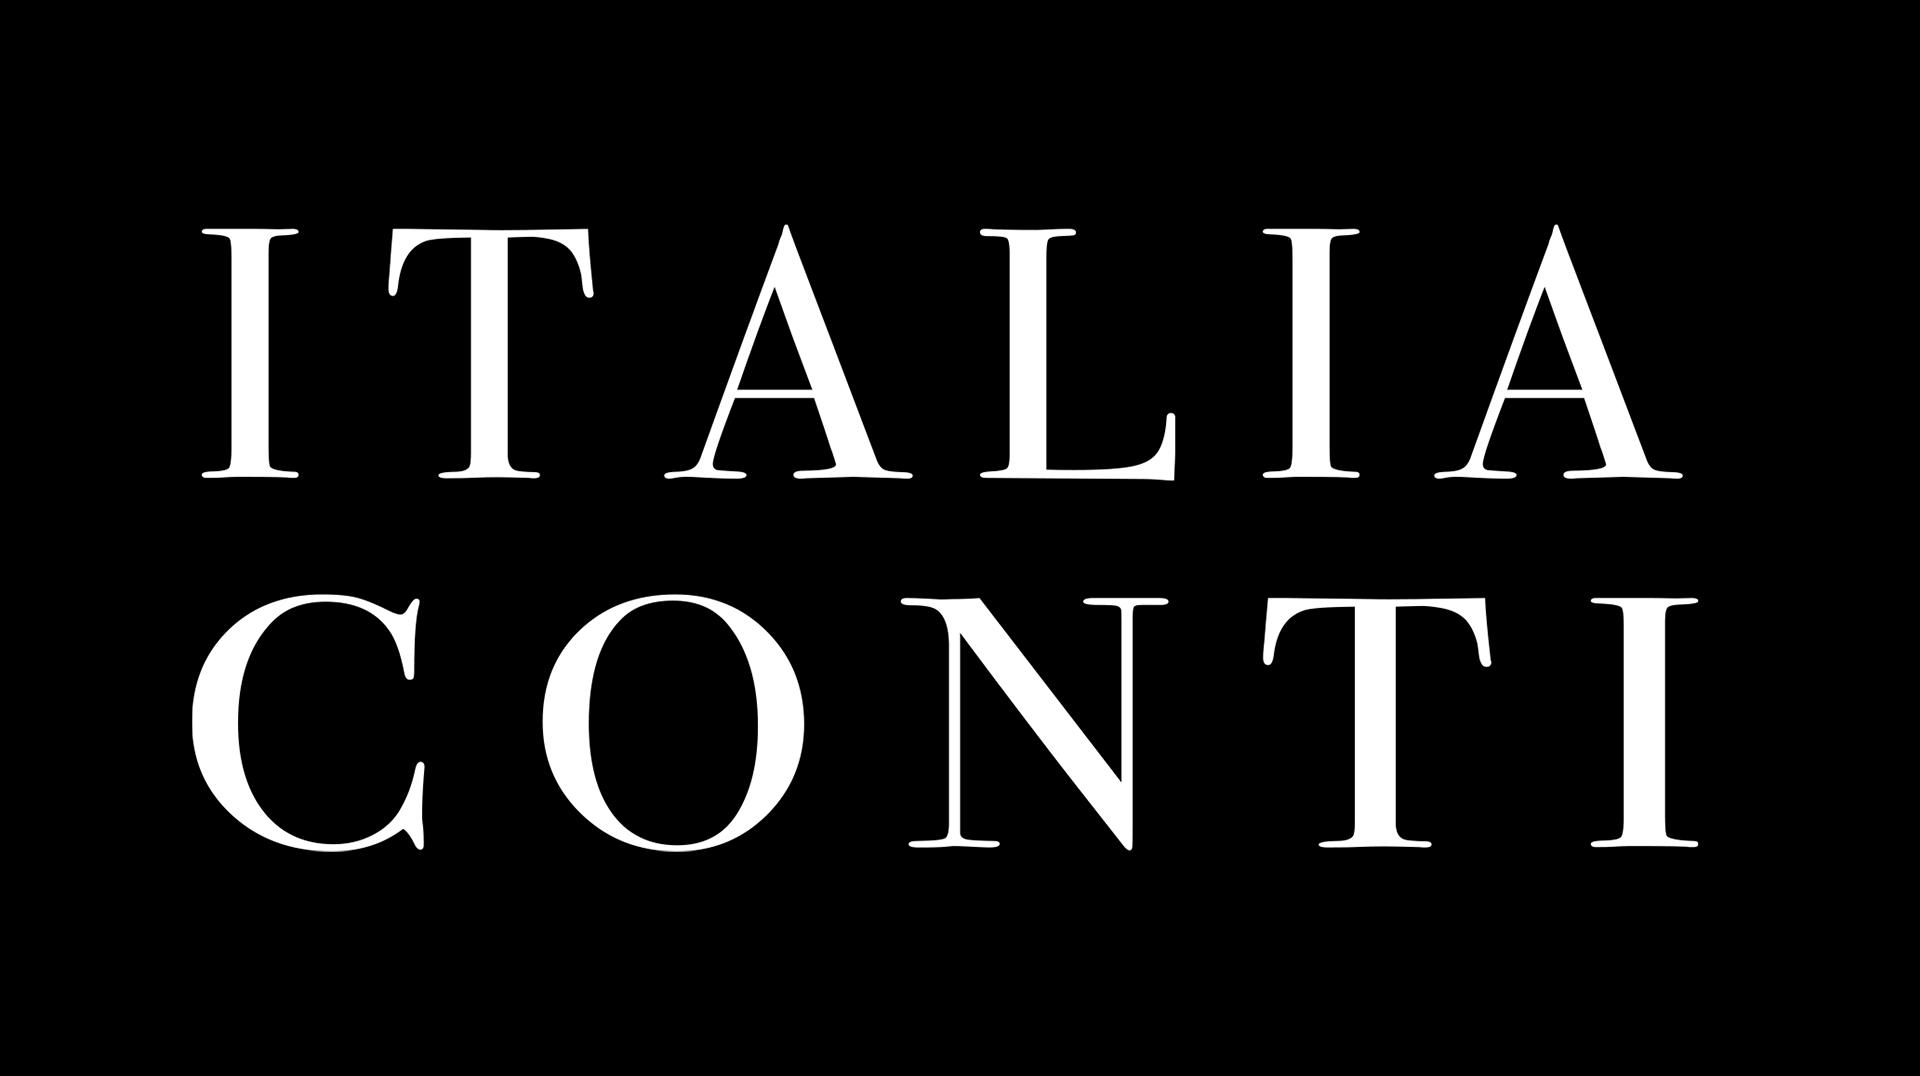 Italia Conti Academy of Theatre Arts